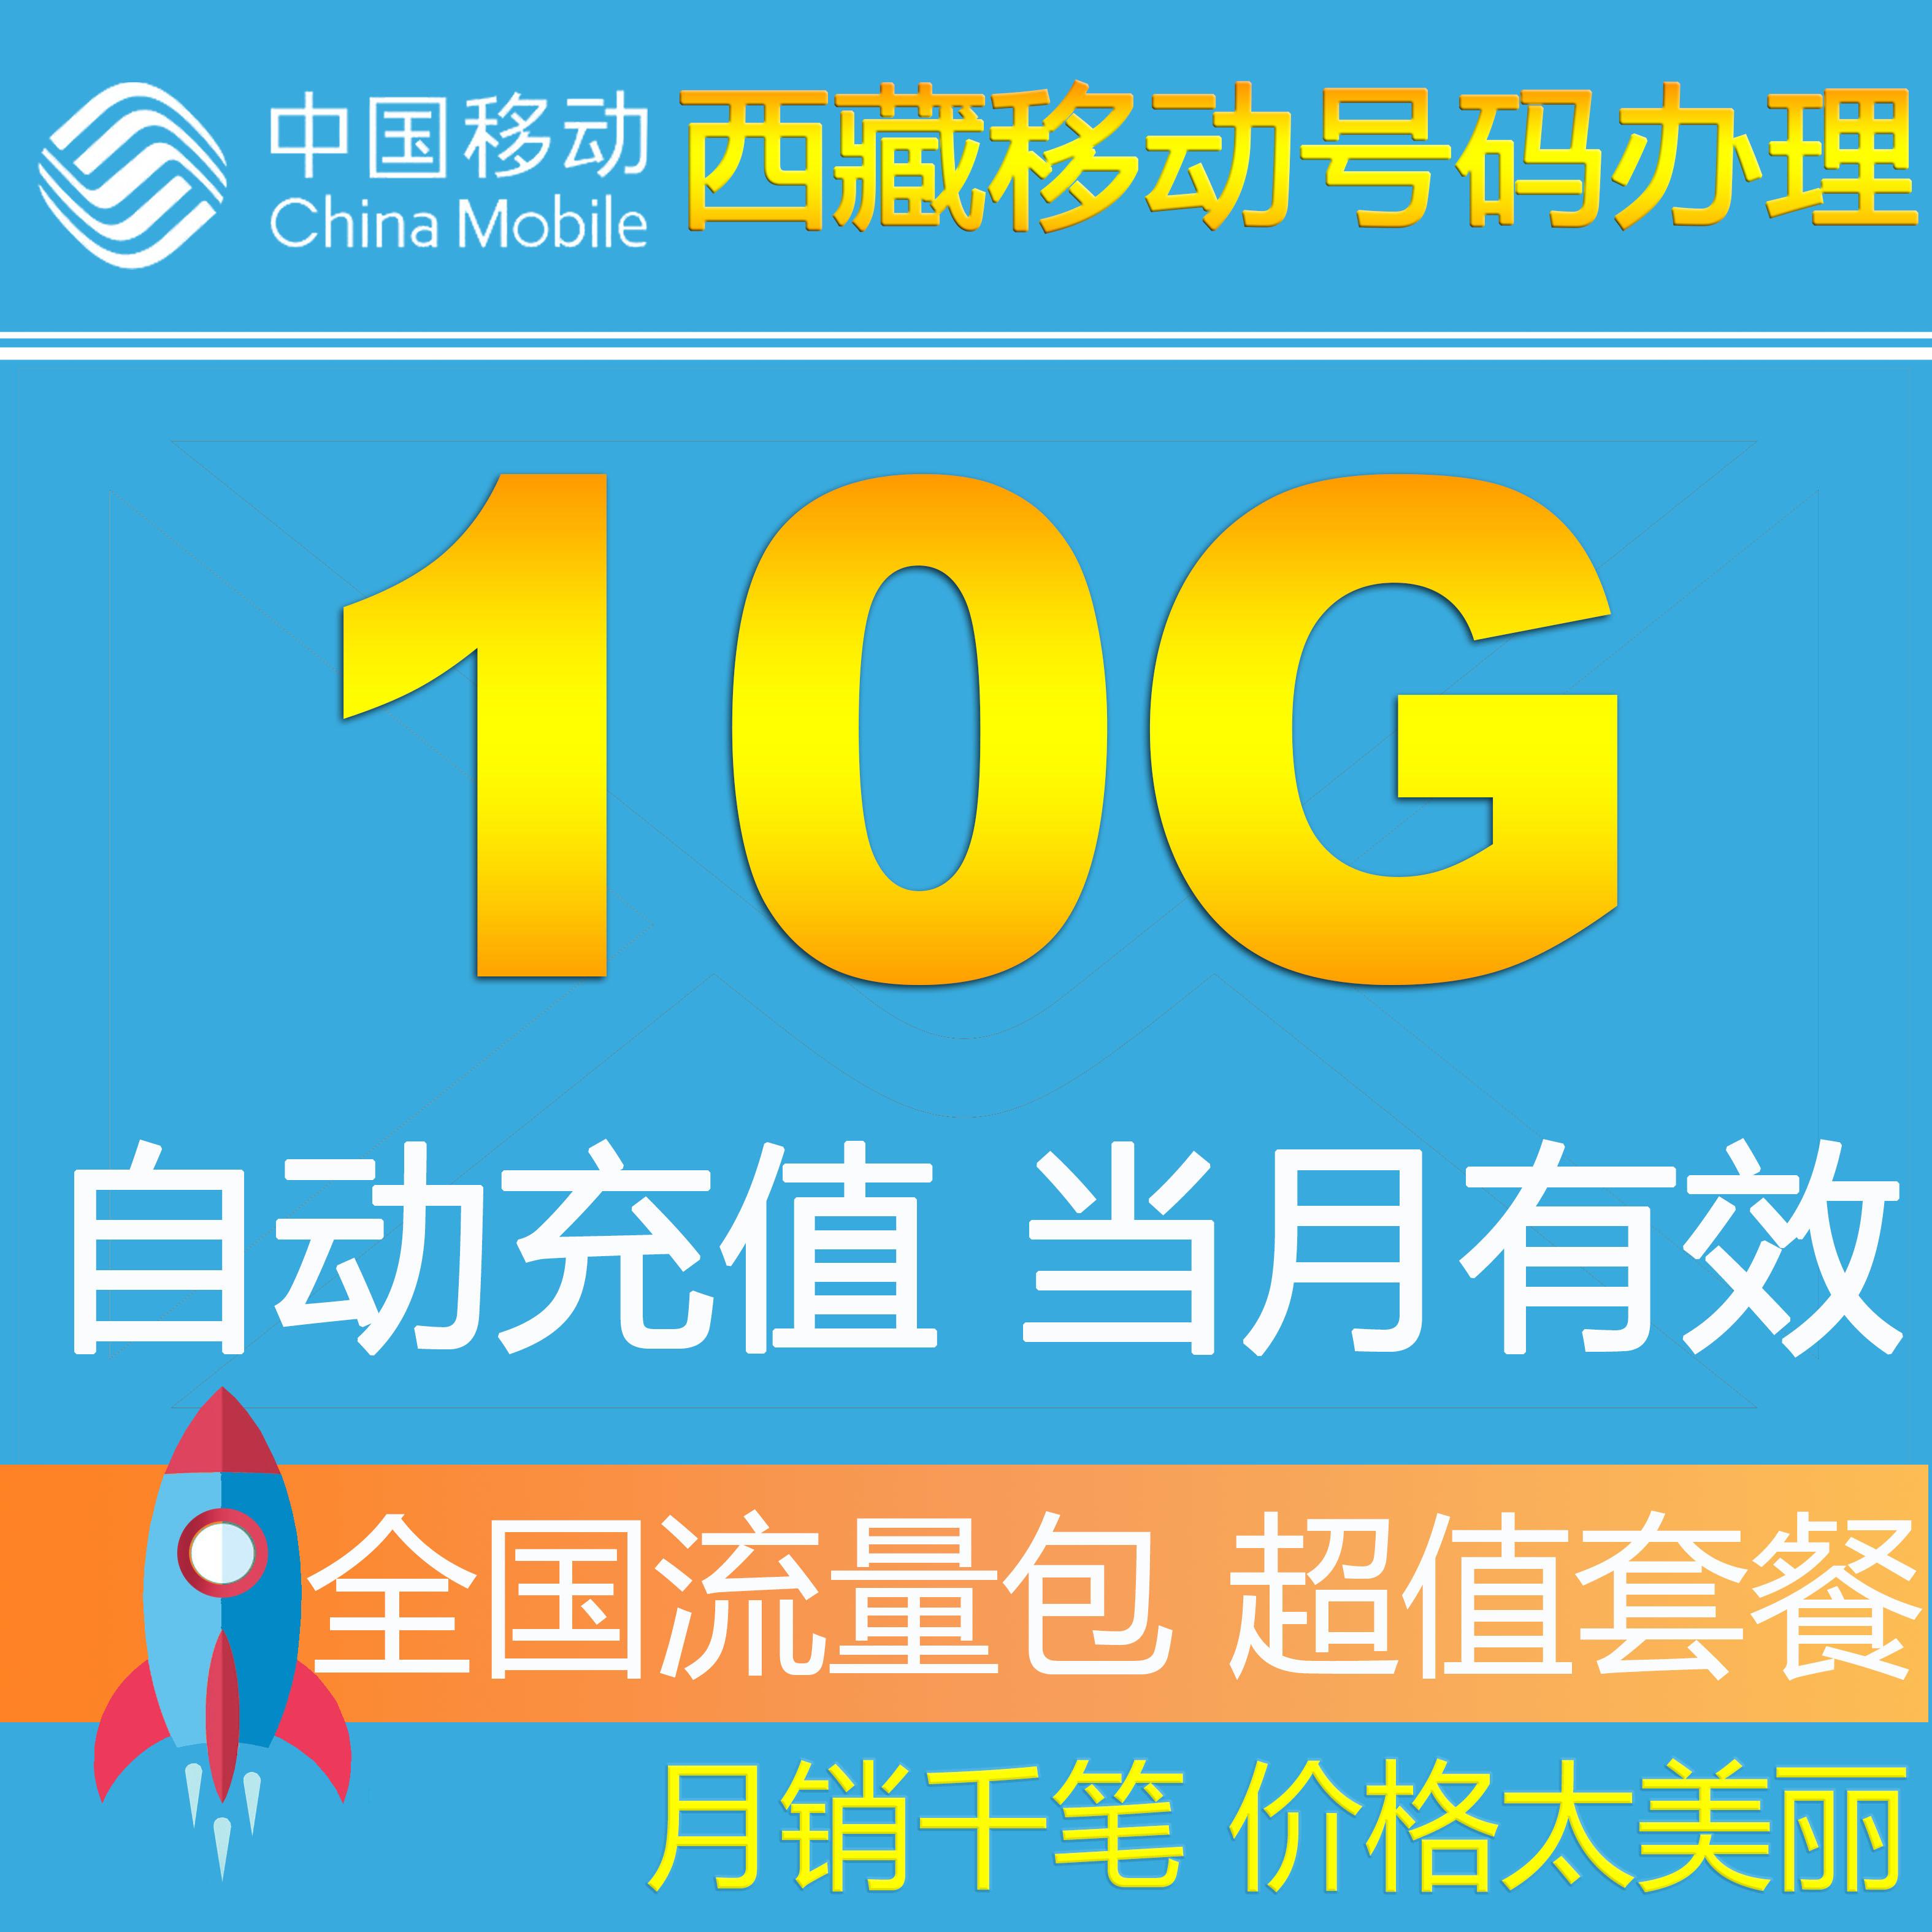 西藏移动流量充值全国10G流量2G/3G/4G通用手机流量包叠加包套餐Z